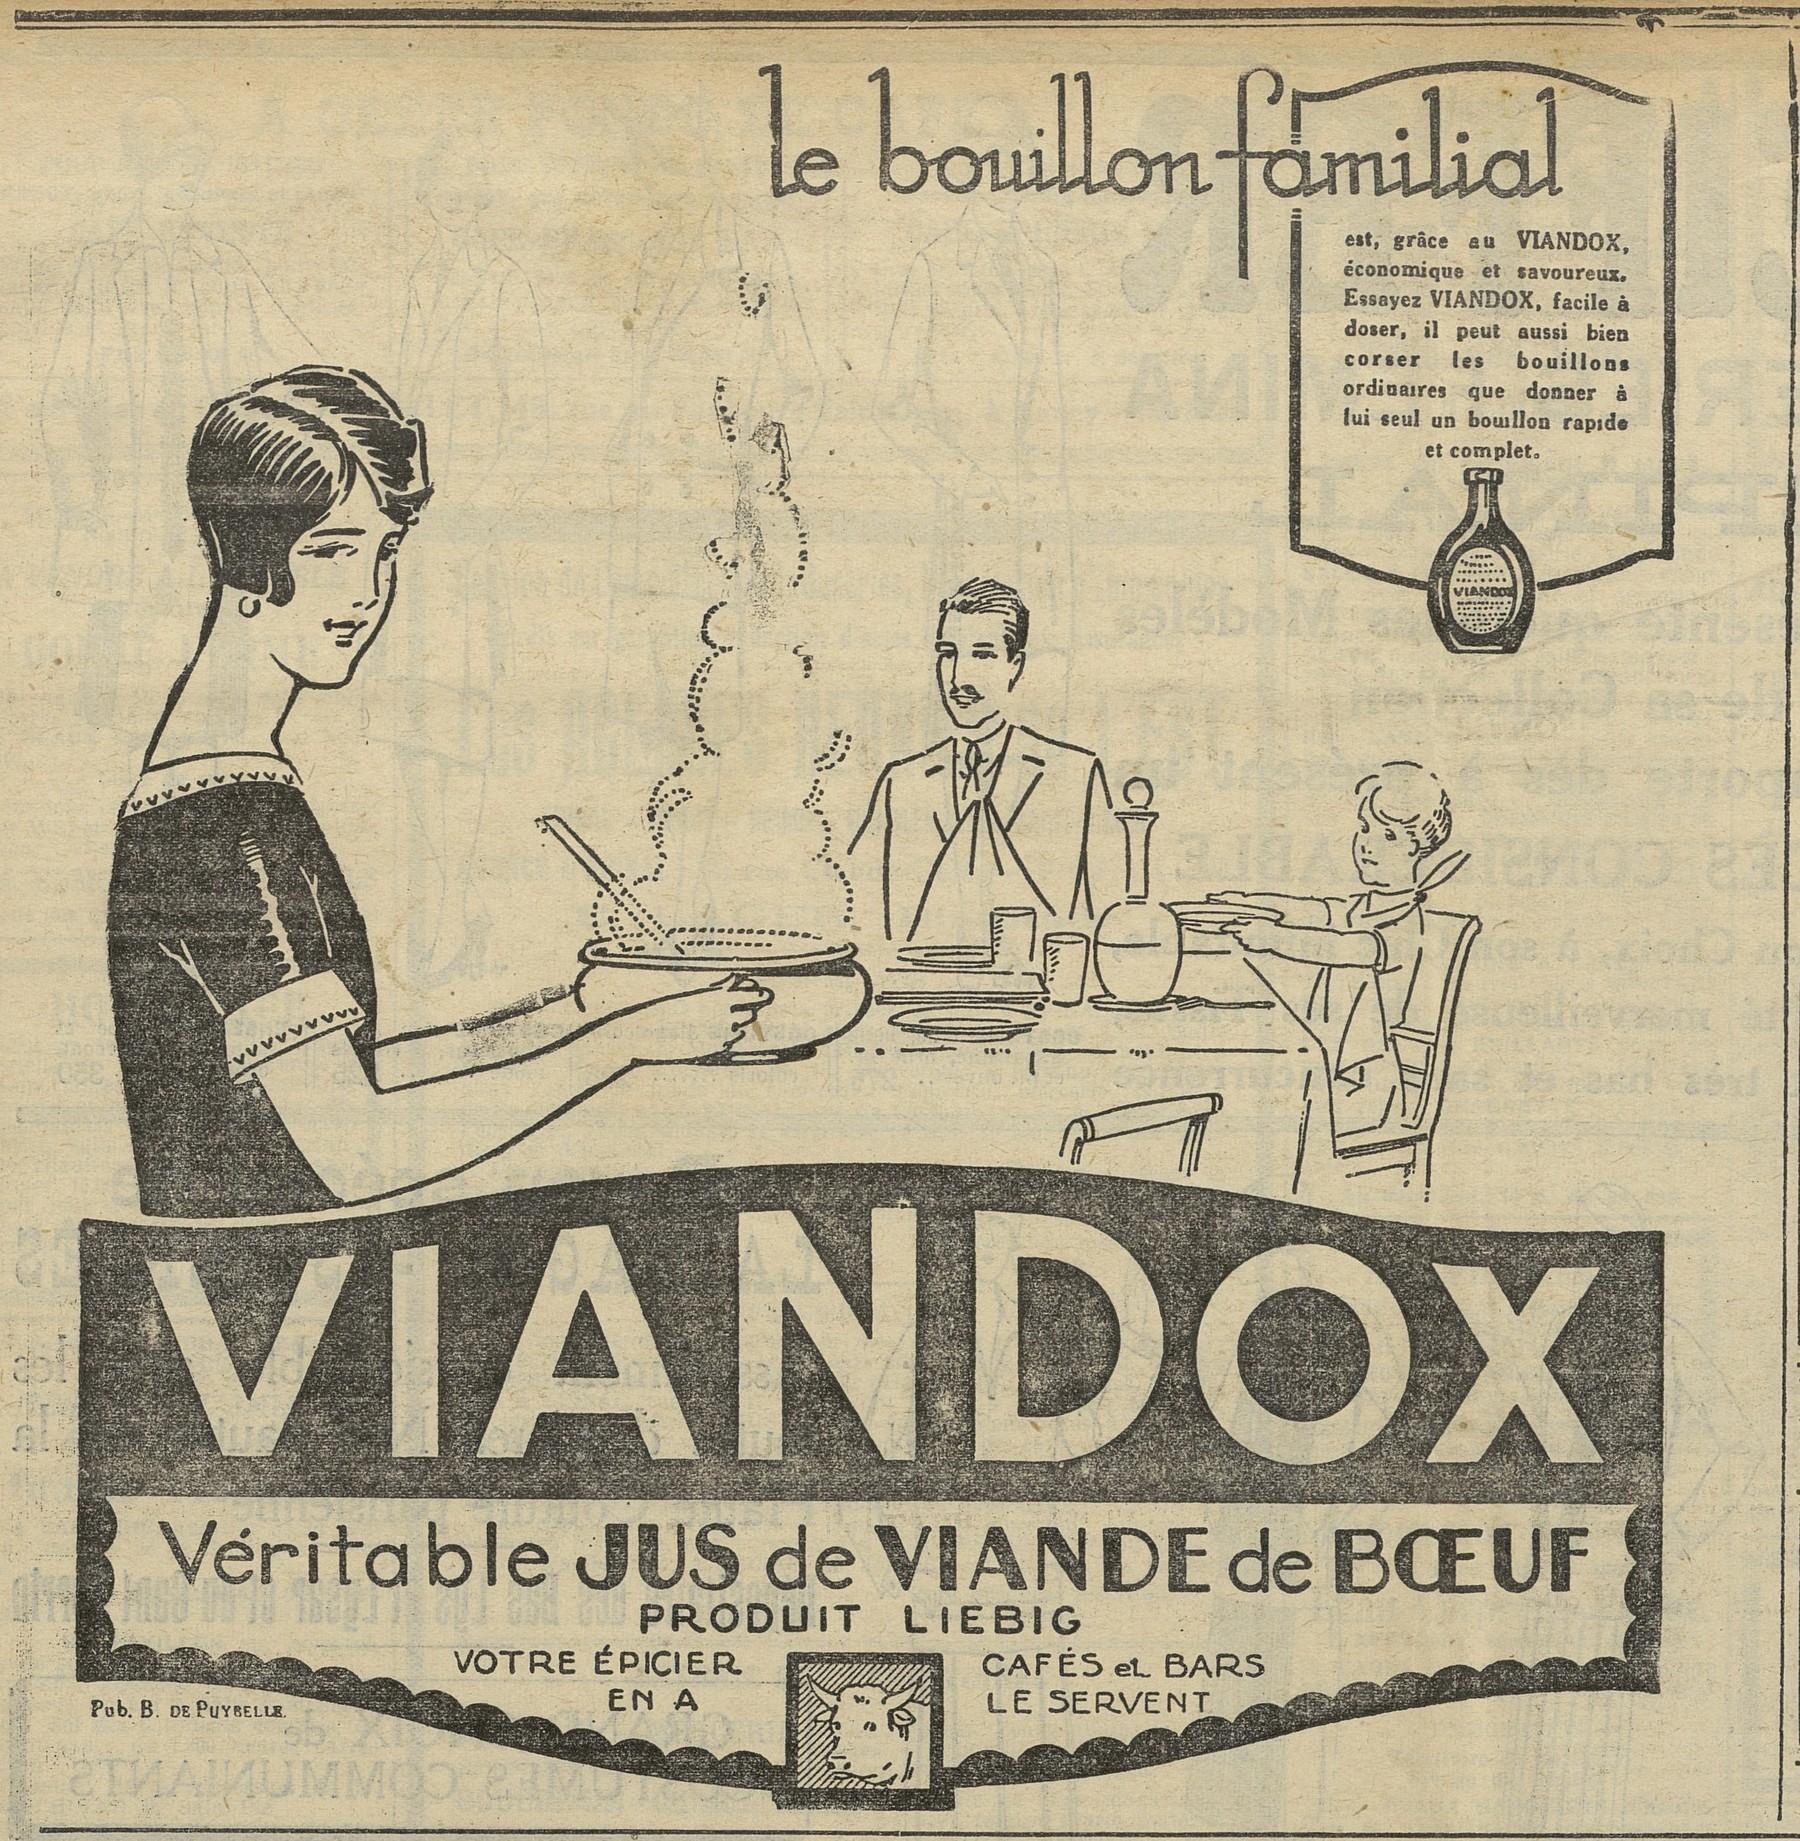 Contenu du Viandox